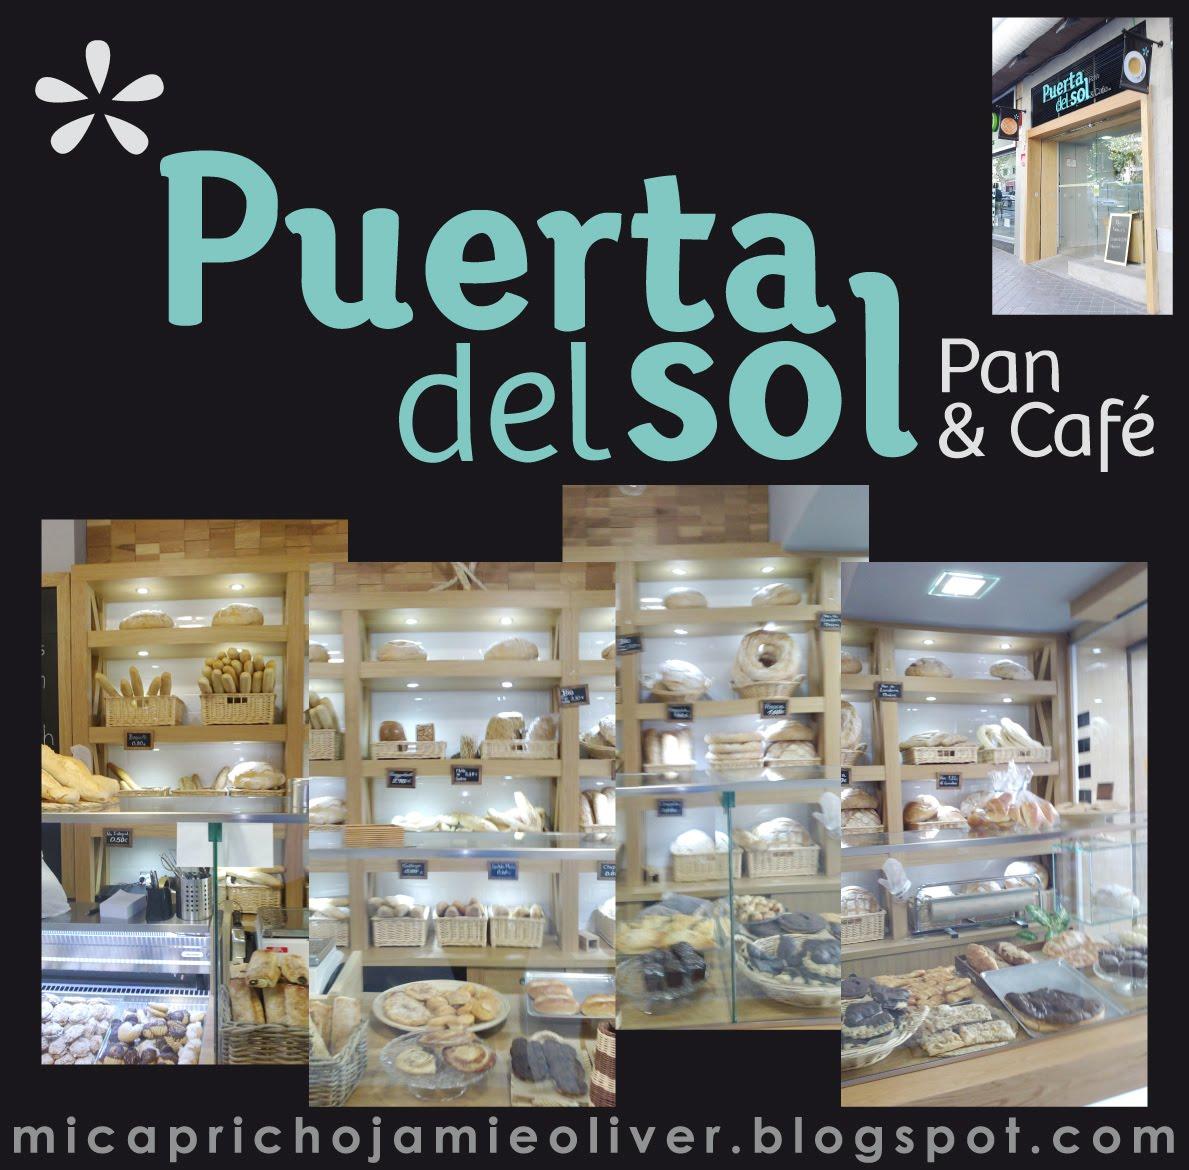 Mi capricho jamie oliver visto en granada el pan cafe for Puerta del sol hoy